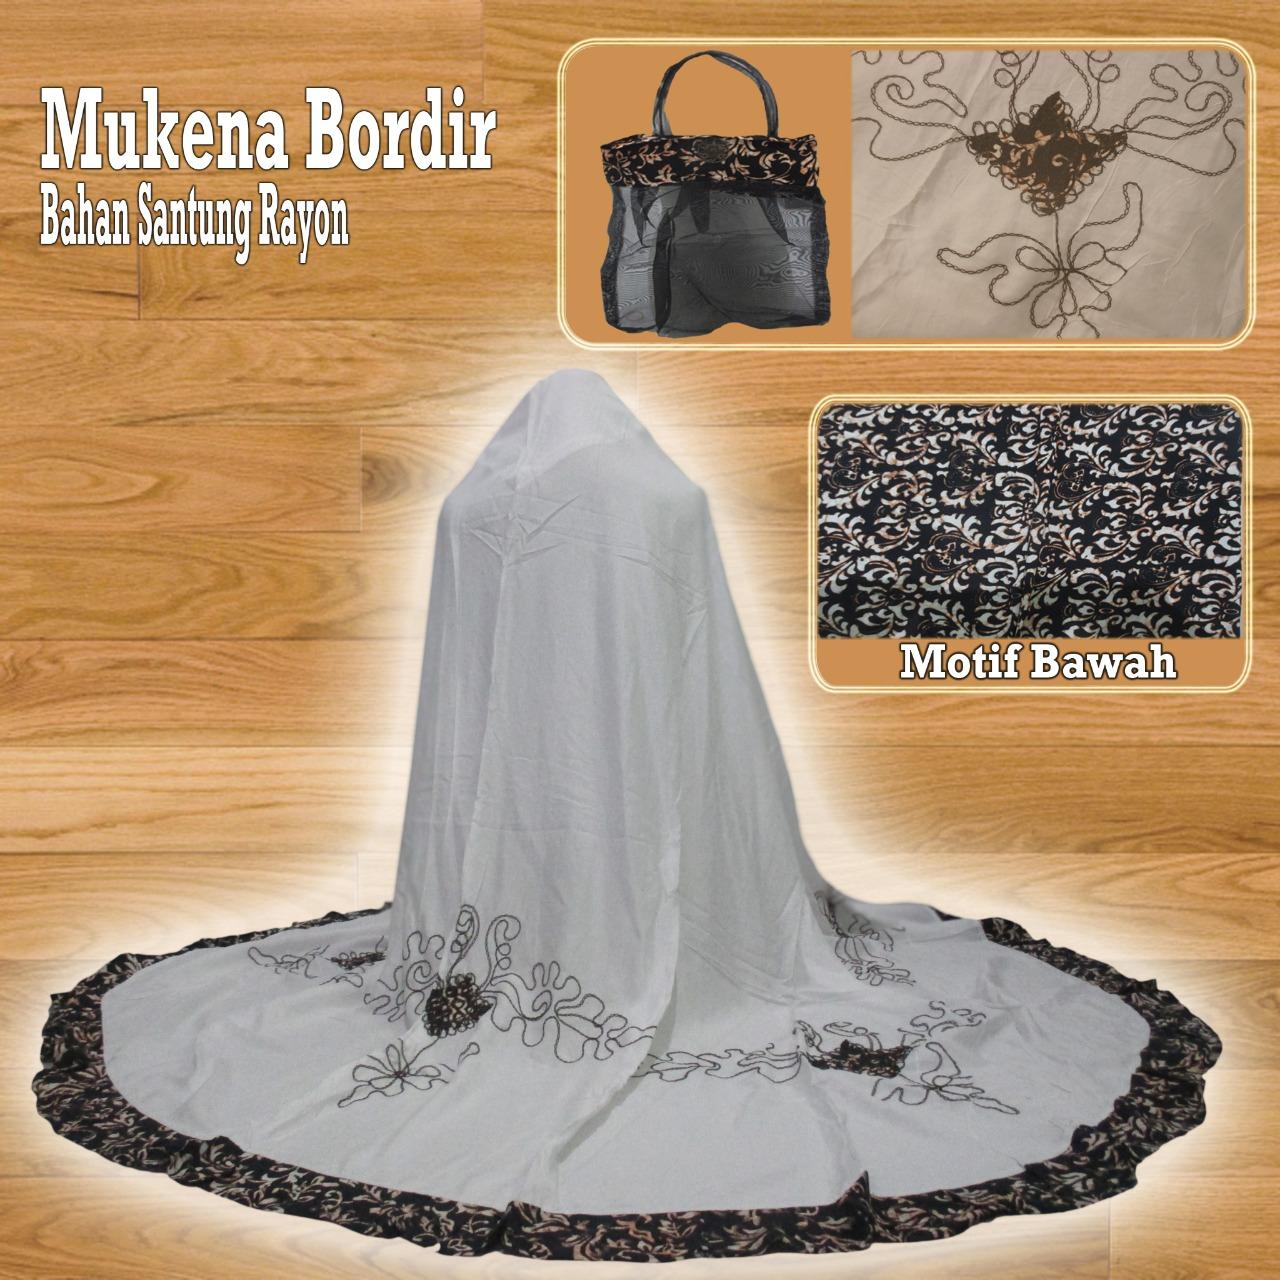 ObralanBaju.com Obral Baju Pakaian Murah Meriah 5000 Mukena Bordir